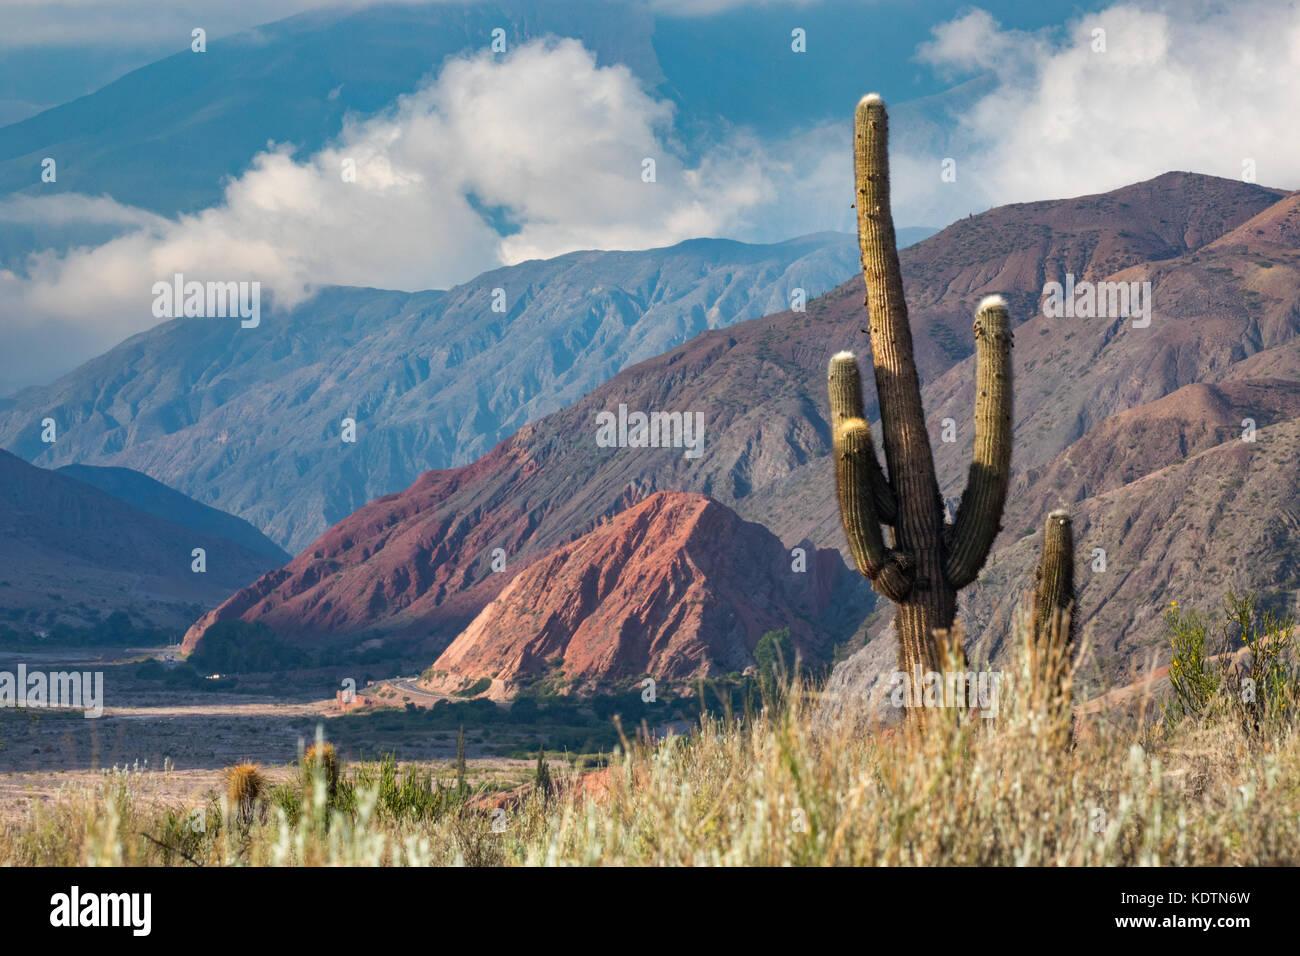 La première lumière sur le cactus et les collines de la quebrada de humahuacha nr maimara, province de Photo Stock